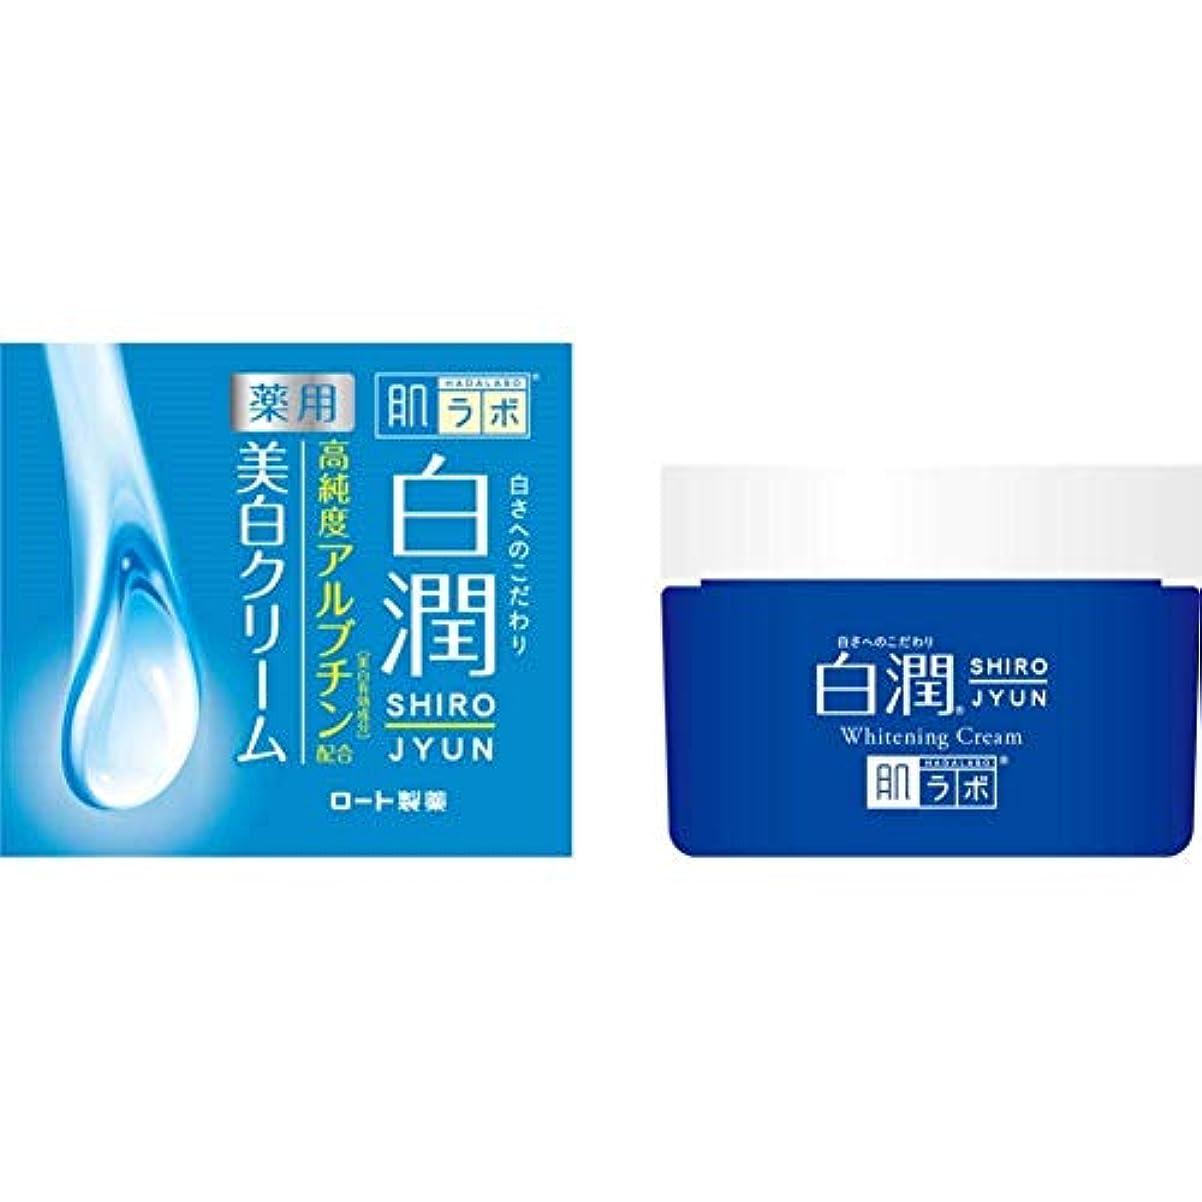 アンビエント艦隊雑草【ロート製薬】肌研 白潤薬用美白クリーム 50g(医薬部外品) ×3個セット